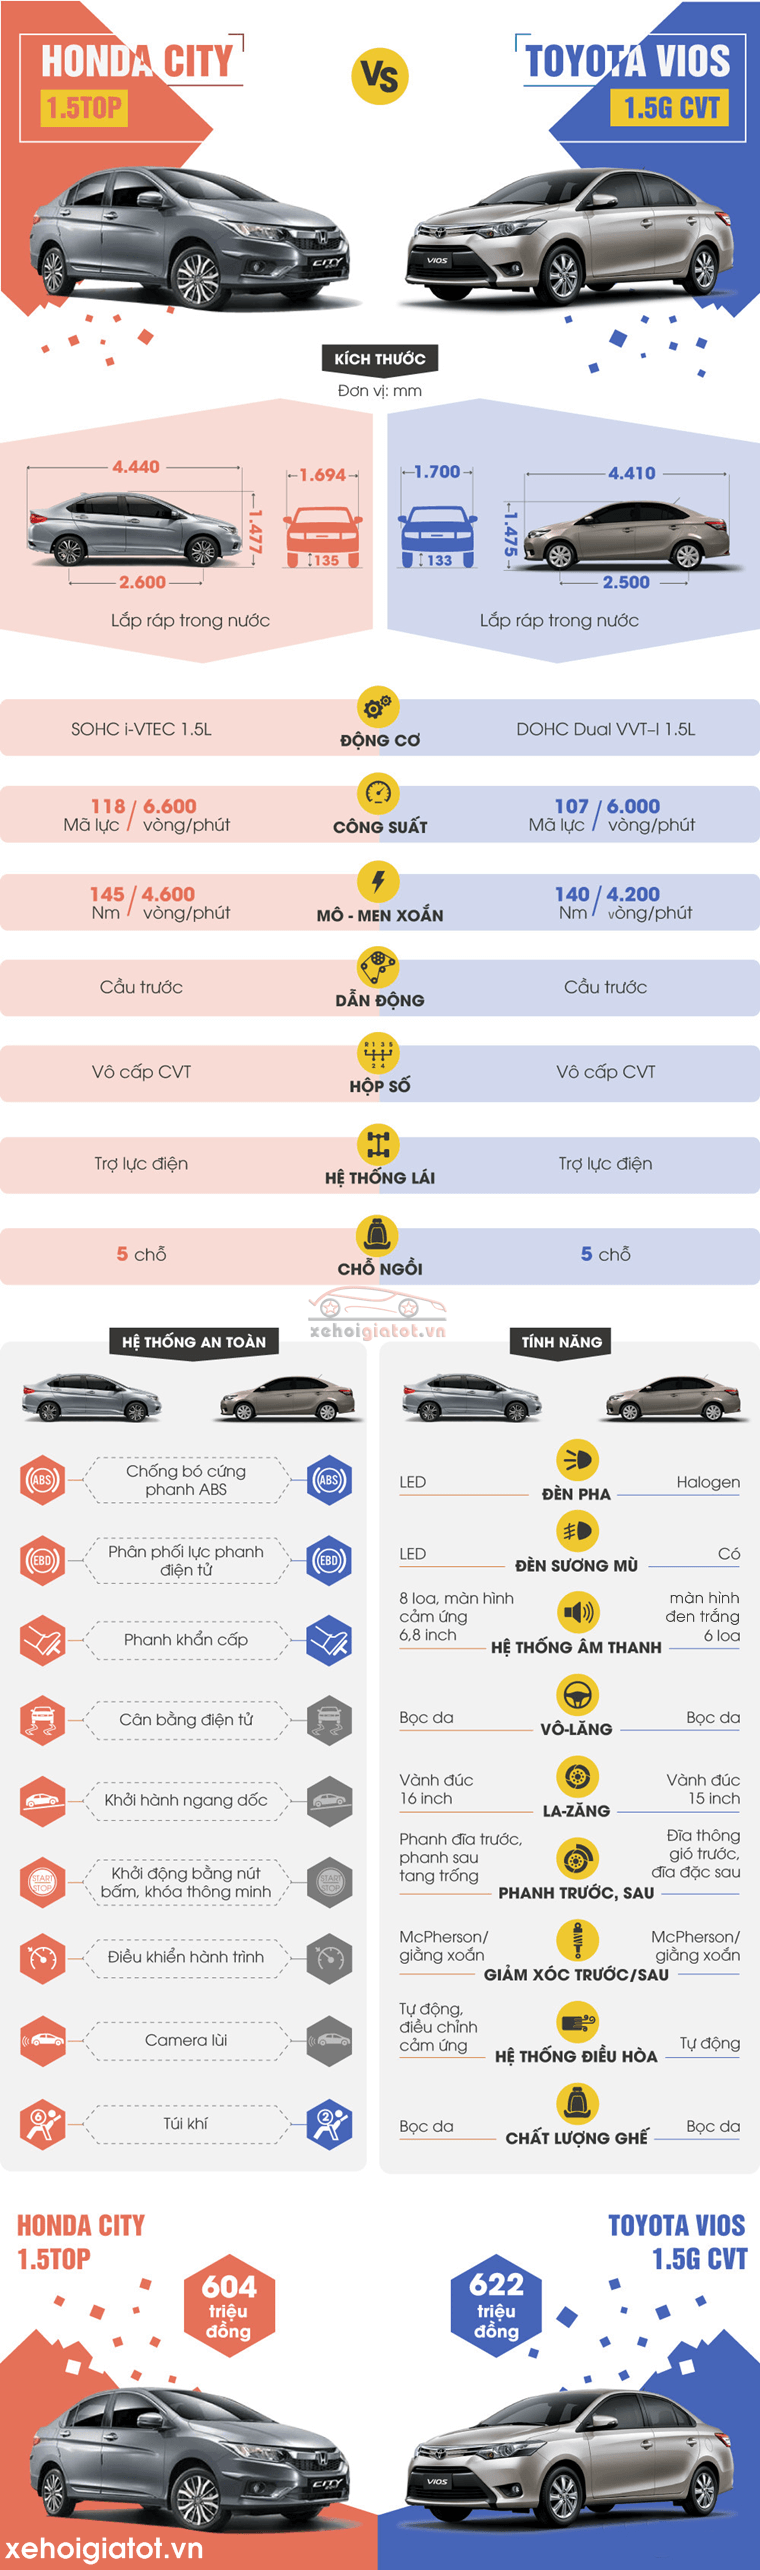 So sánh xe Toyota Vios 1.5 G và Honda City 1.5 TOP